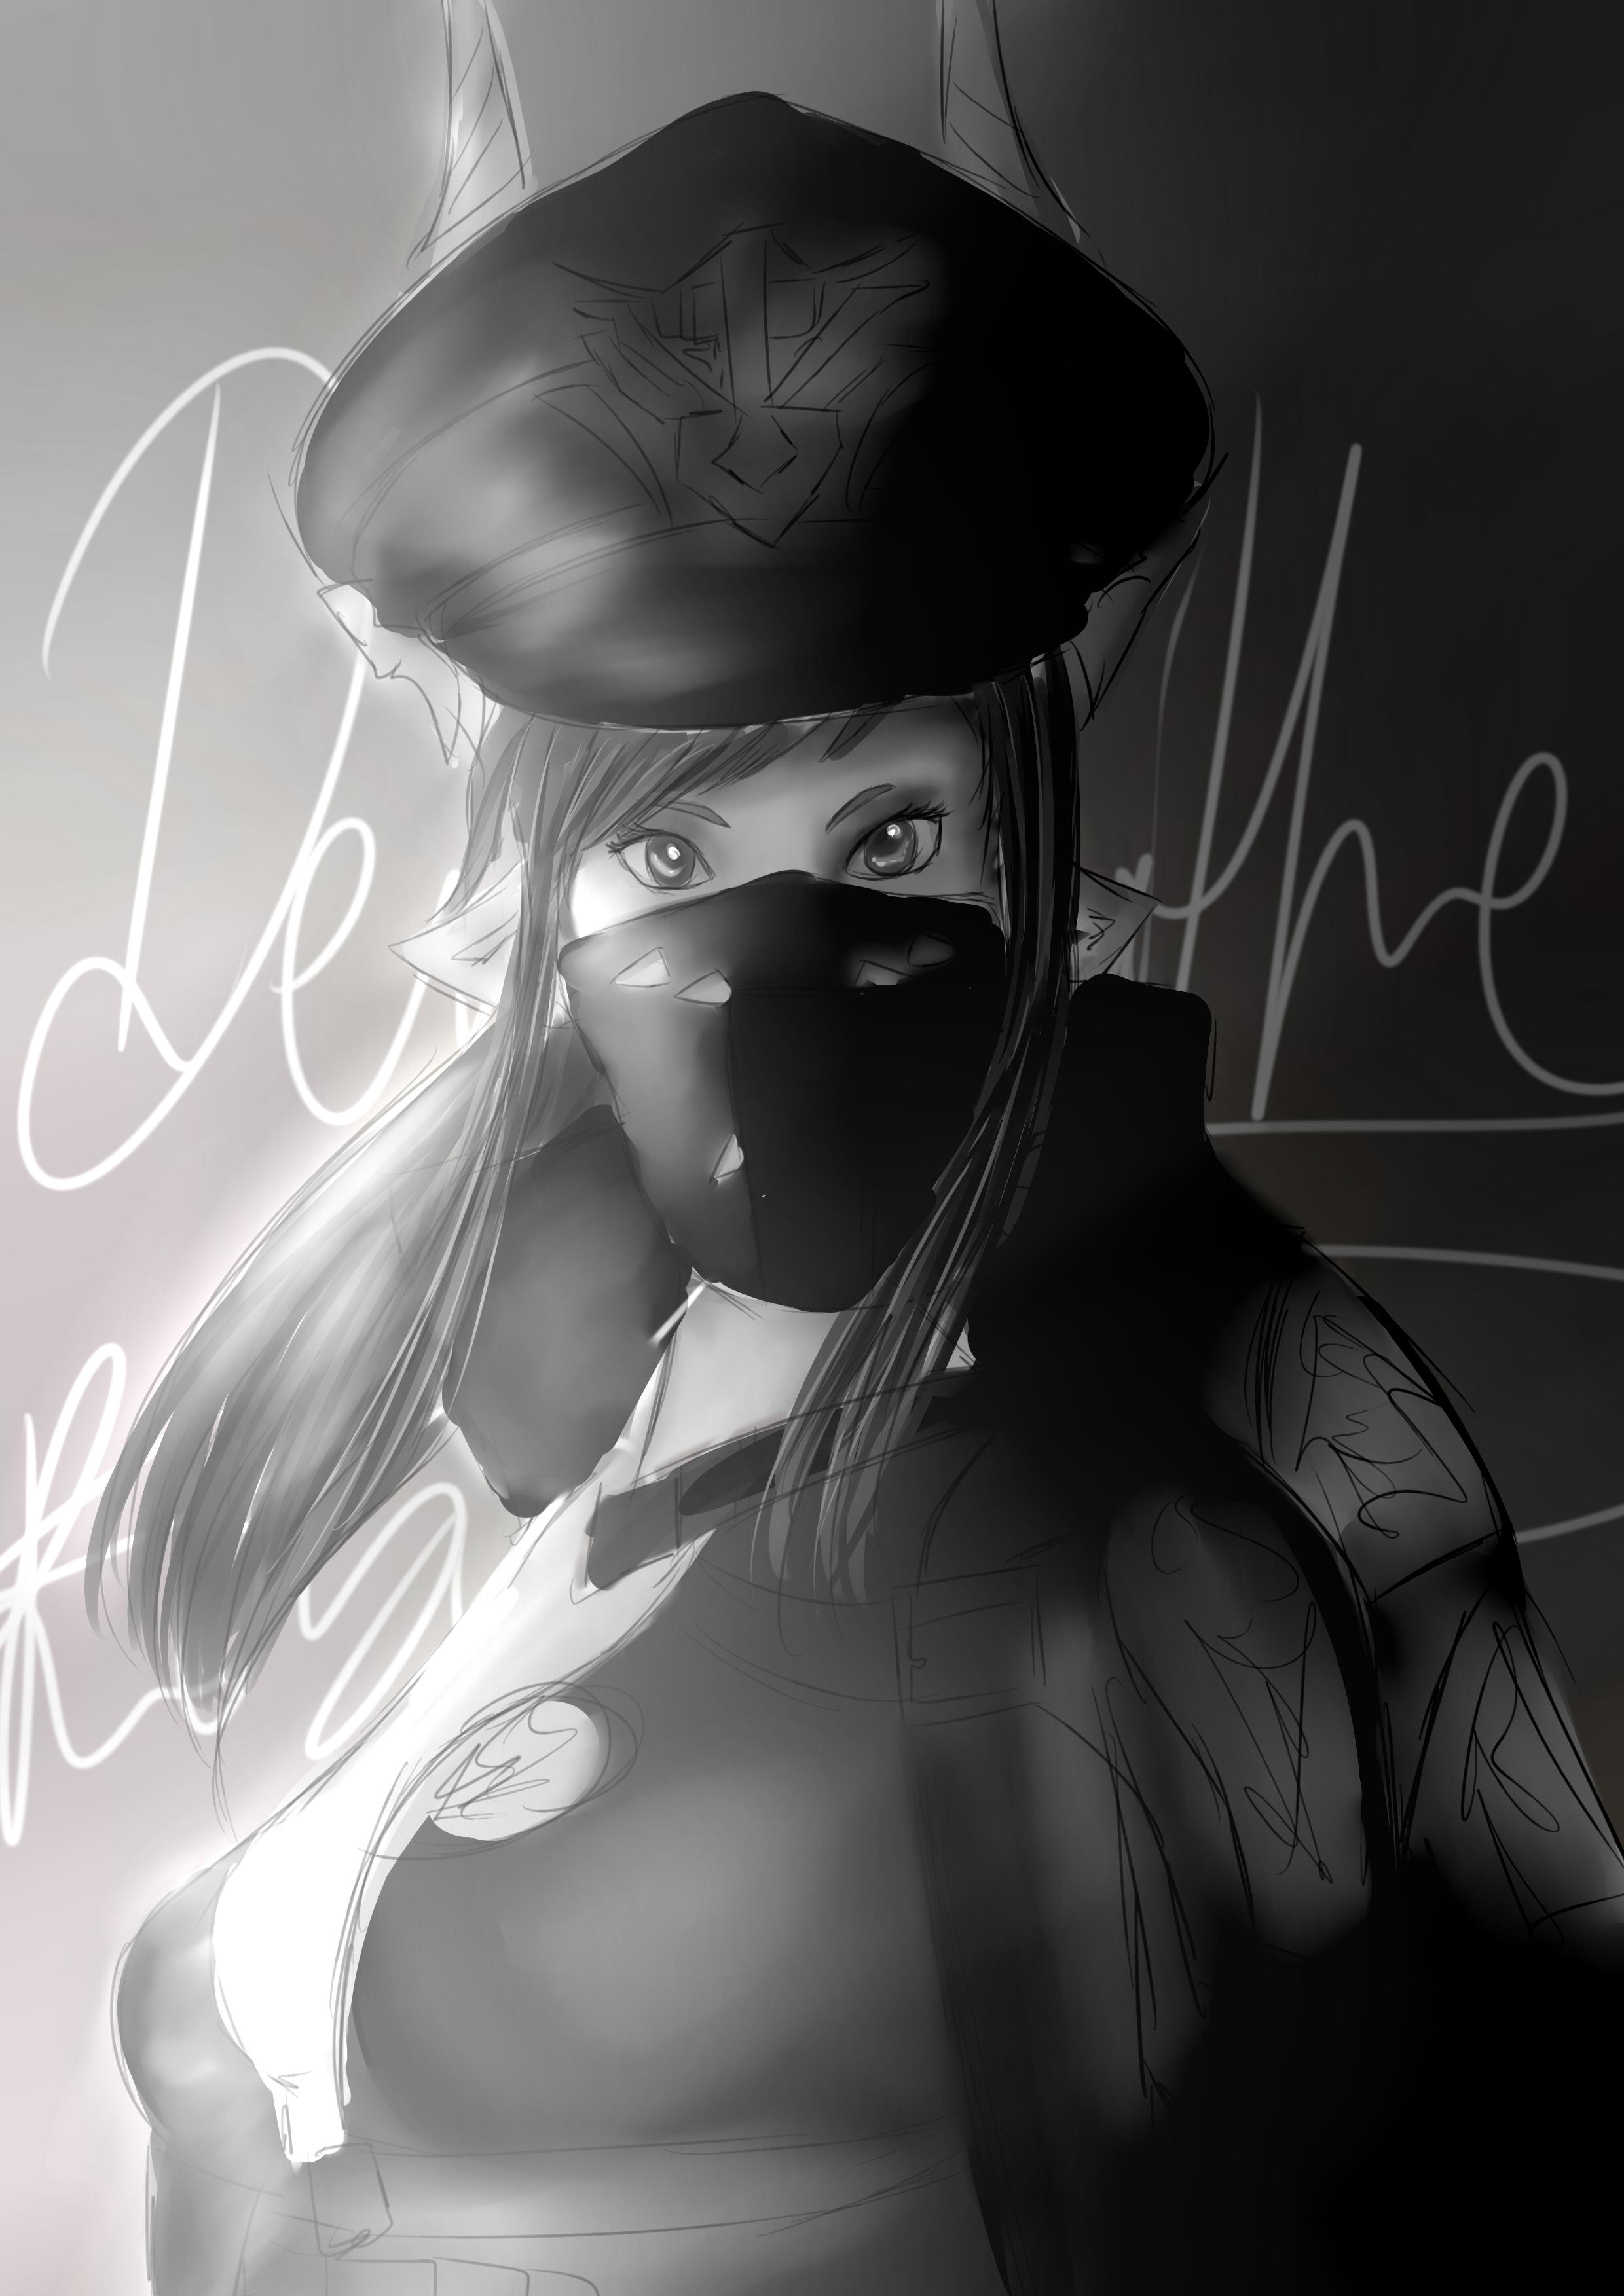 reborn_by_psycholinchan-db76lnn.jpg